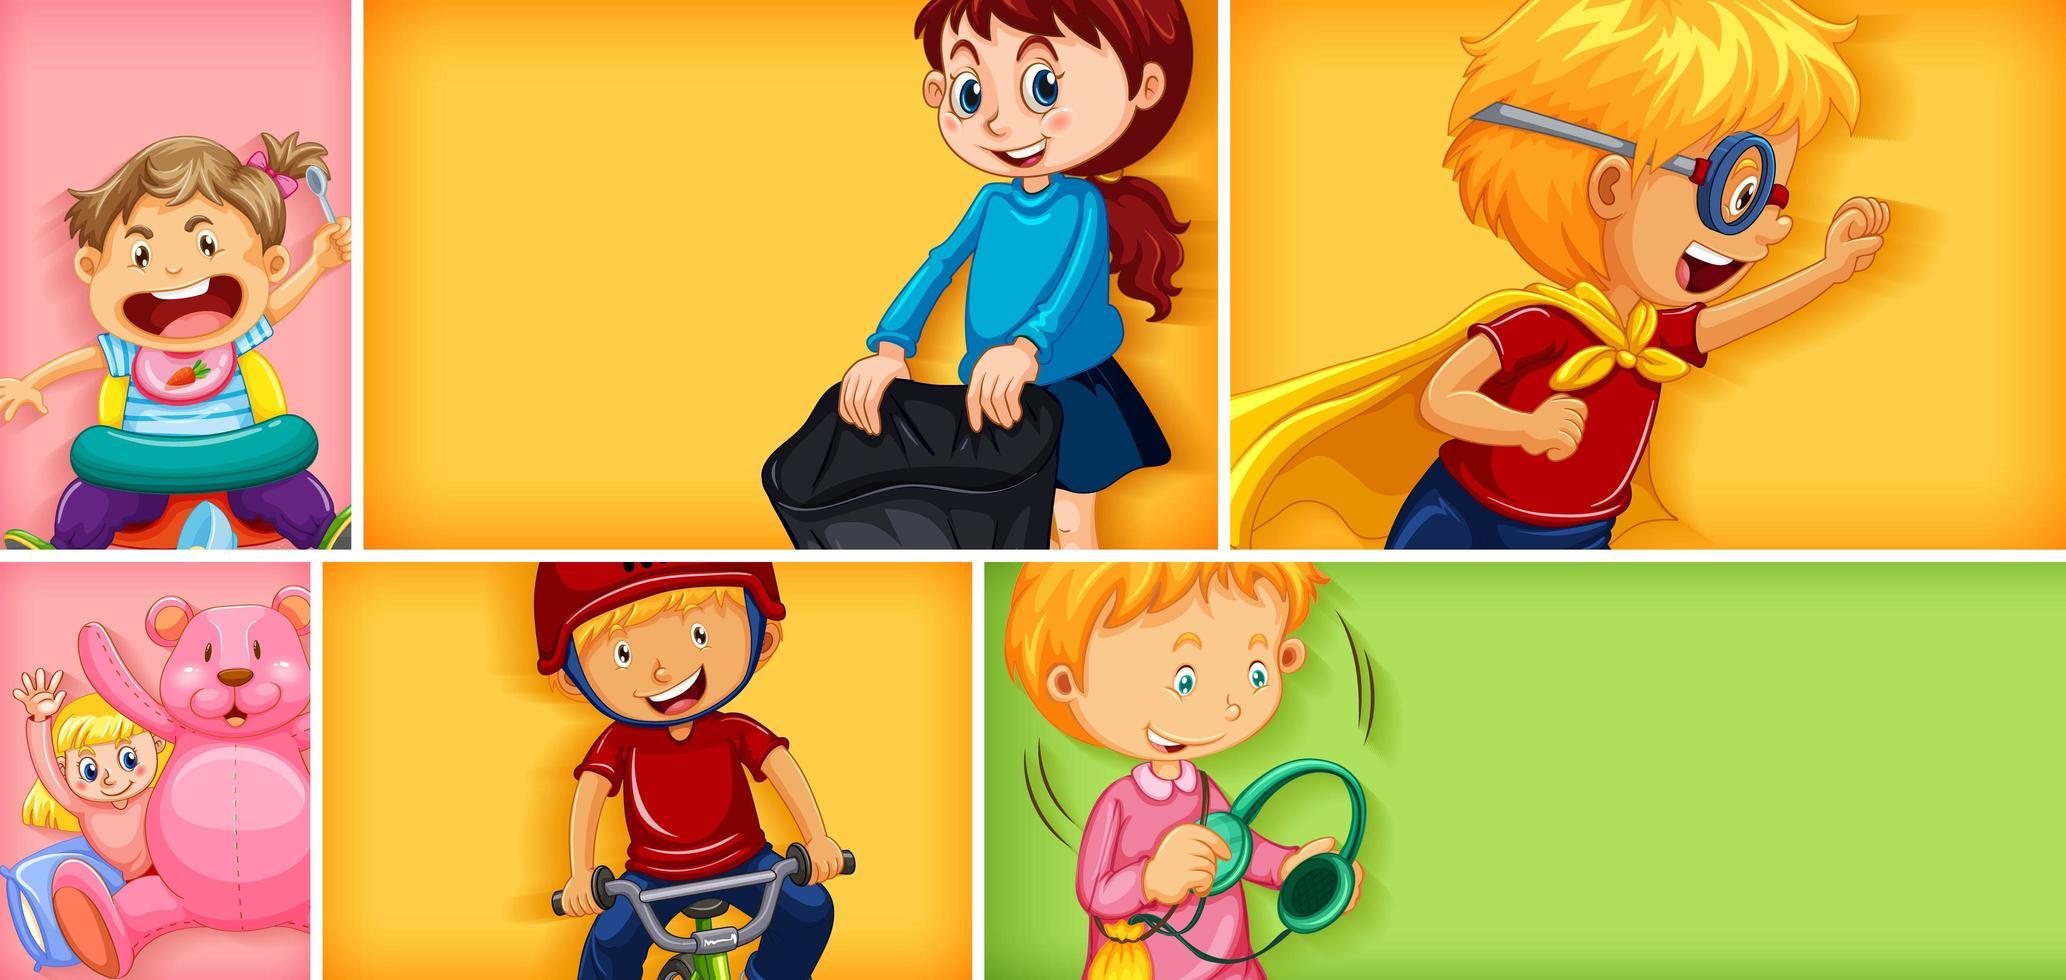 verschiedene Kindercharaktere auf verschiedenem Farbhintergrund vektor